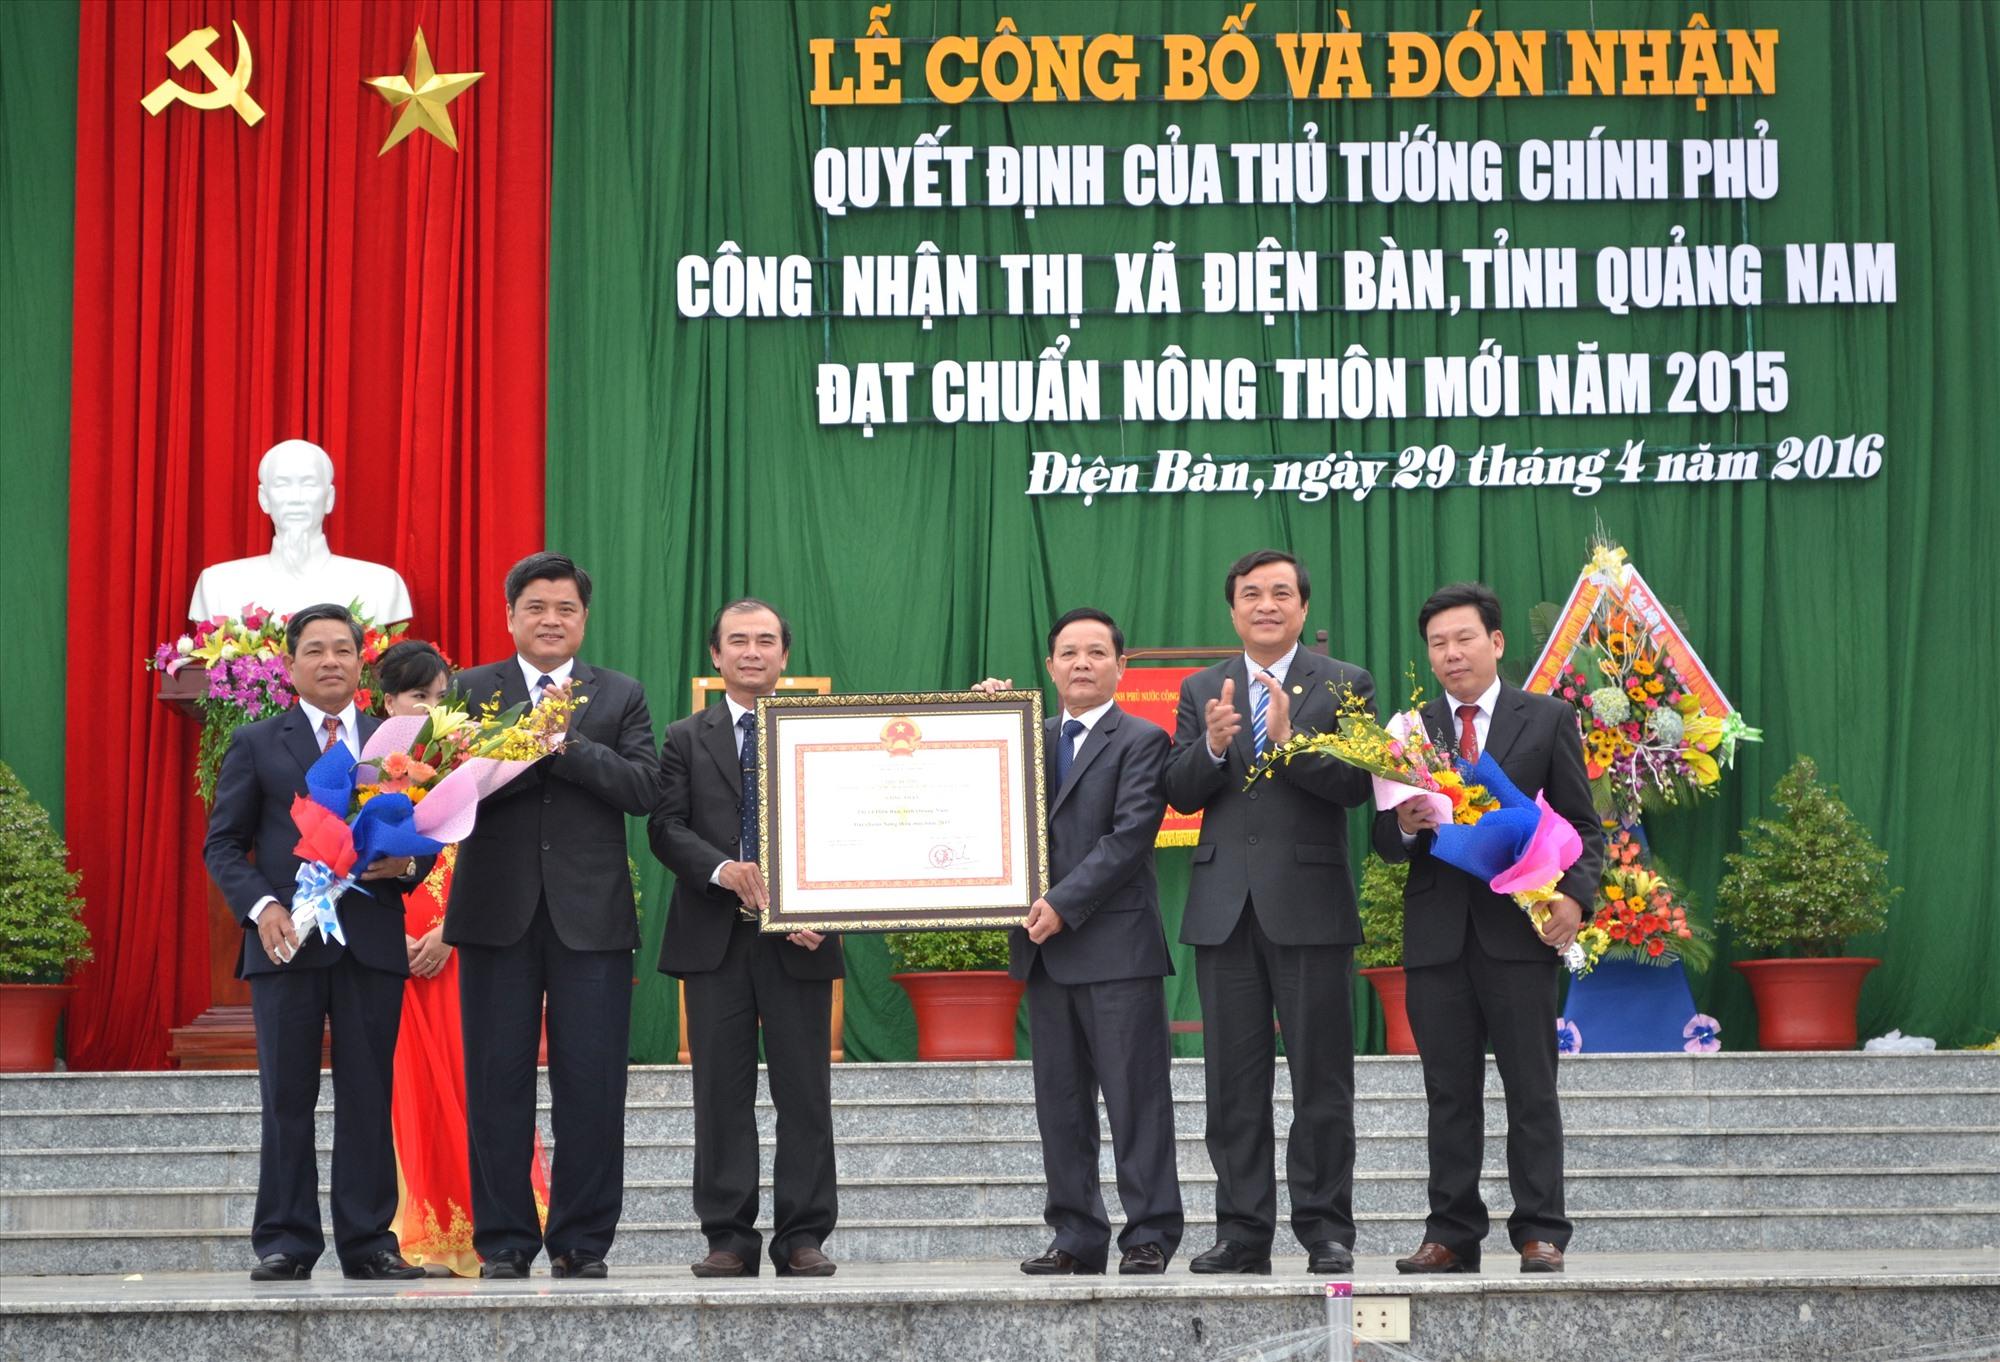 """Lễ công bố Điện Bàn đạt chuẩn """"Thị xã nông thôn mới"""" năm 2015."""